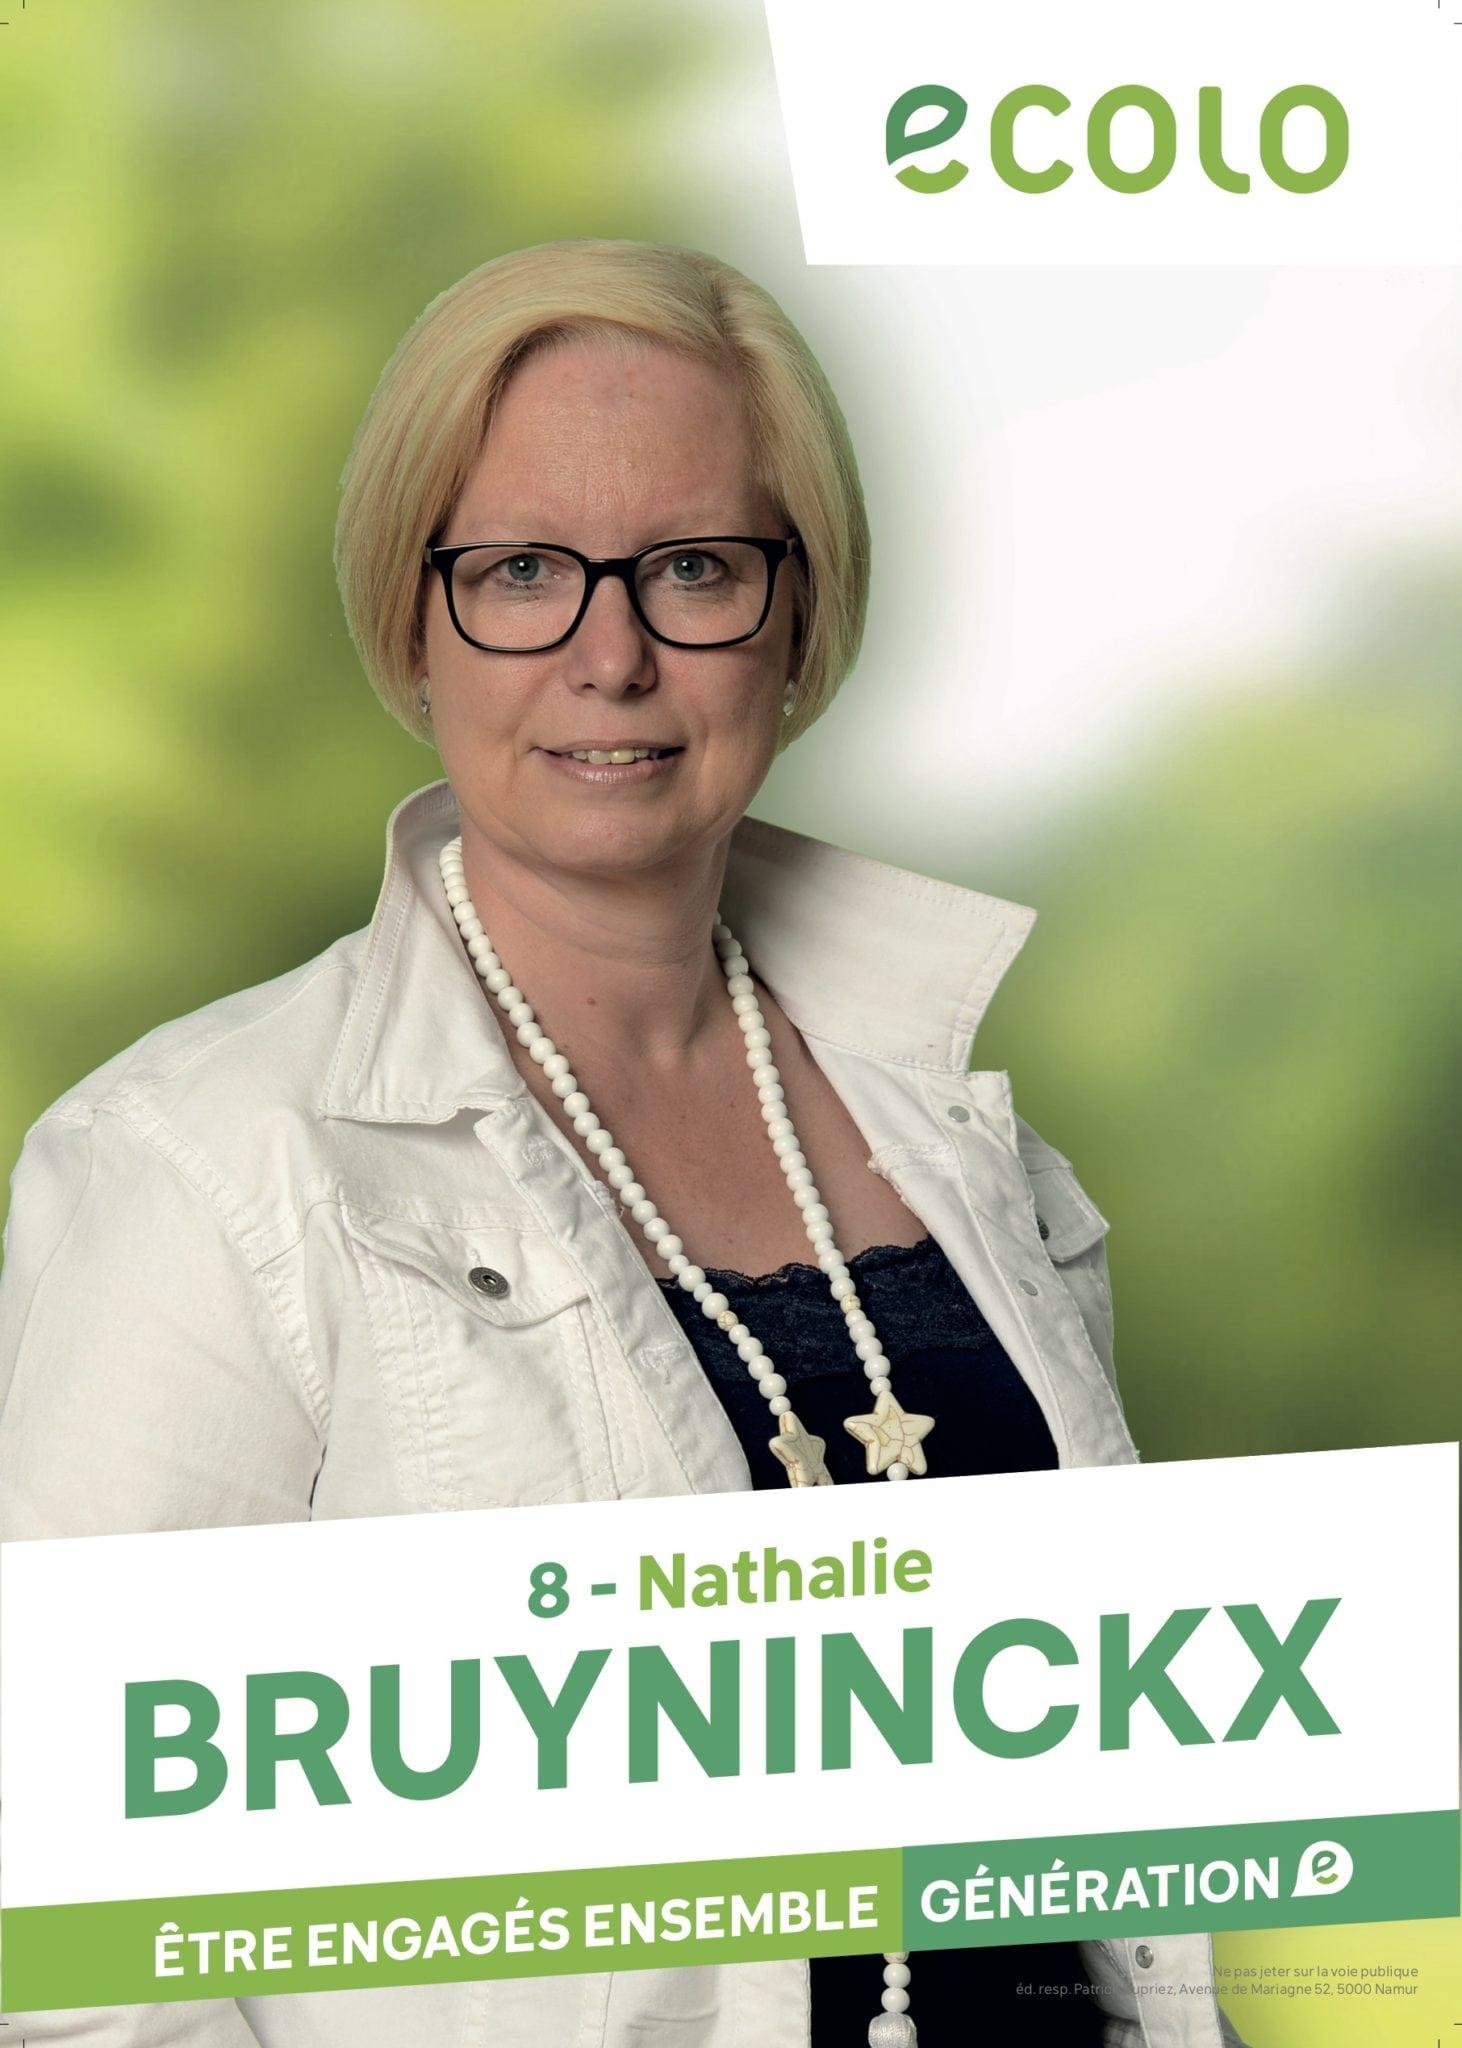 Nathalie Bruyninckx